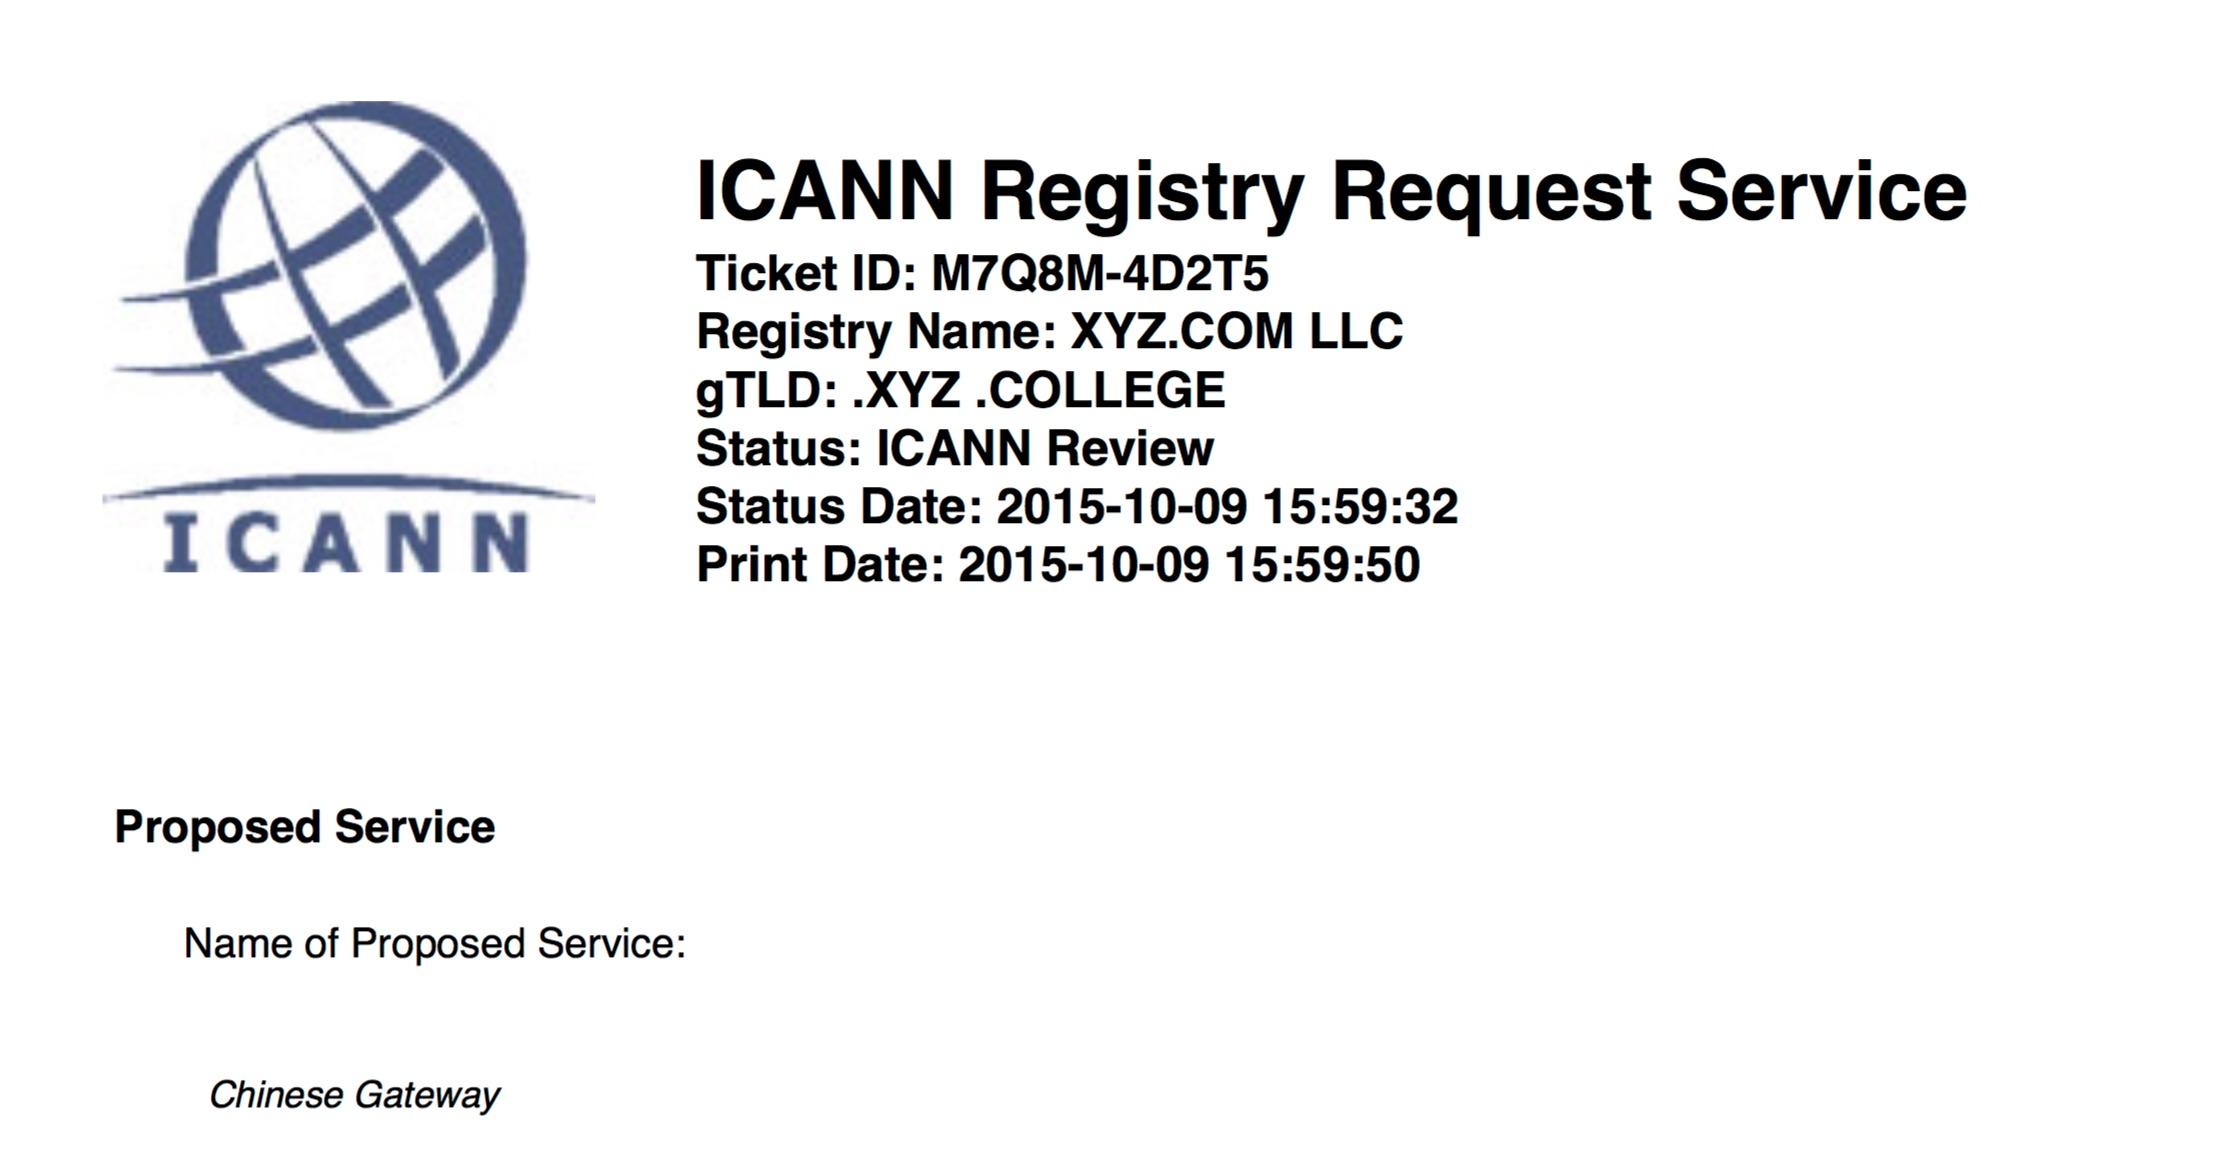 XYZ's ICANN proposal